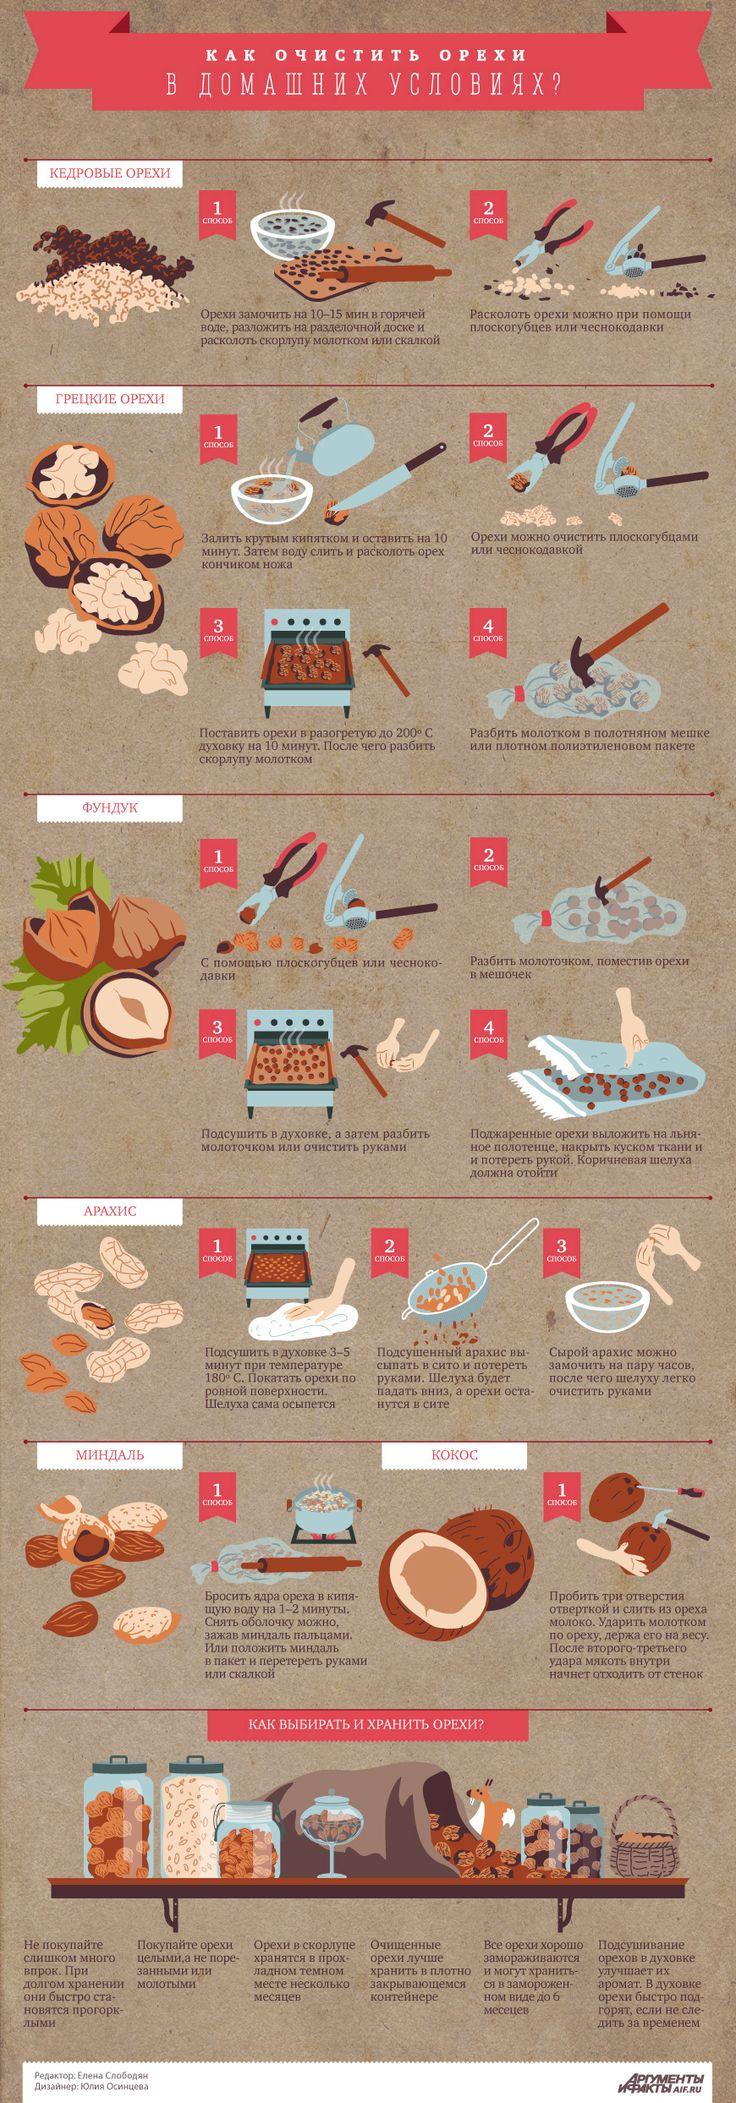 Как очистить орехи в домашних условиях? Инфографика | Инфографика | Аргументы и Факты